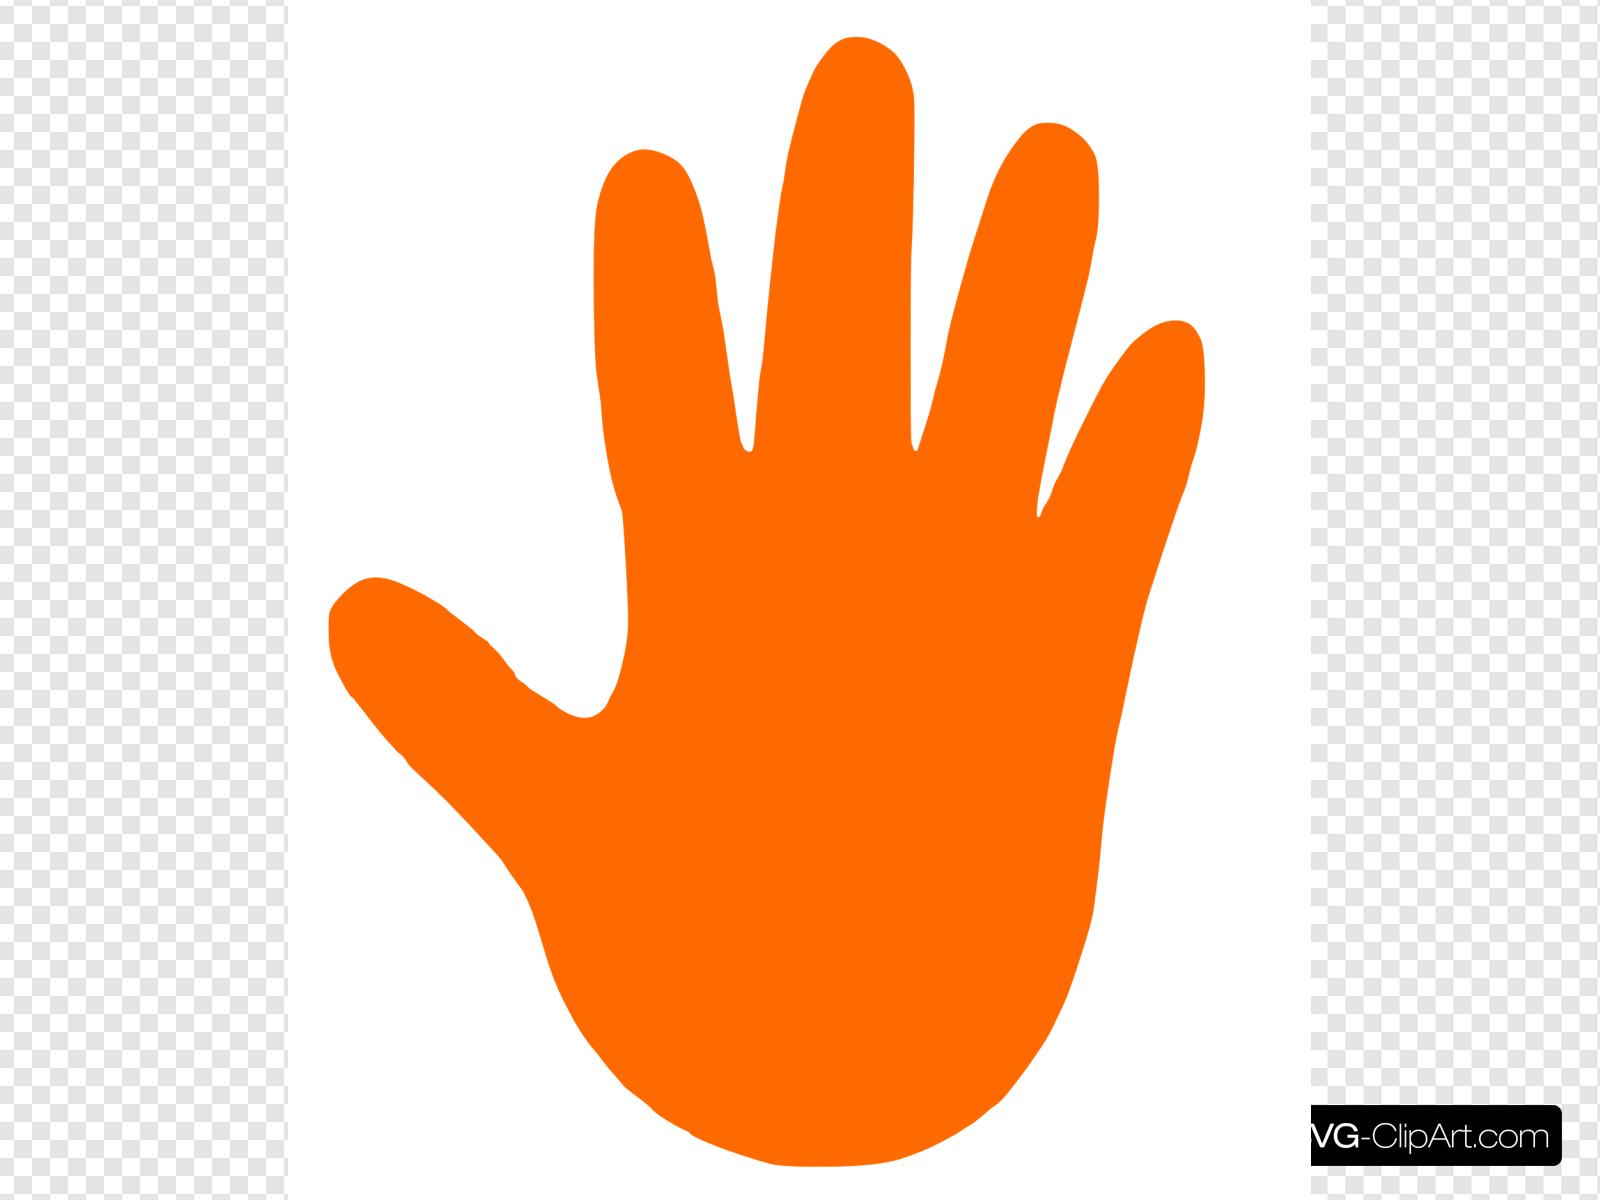 Orange Right Hand Clip art, Icon and SVG.